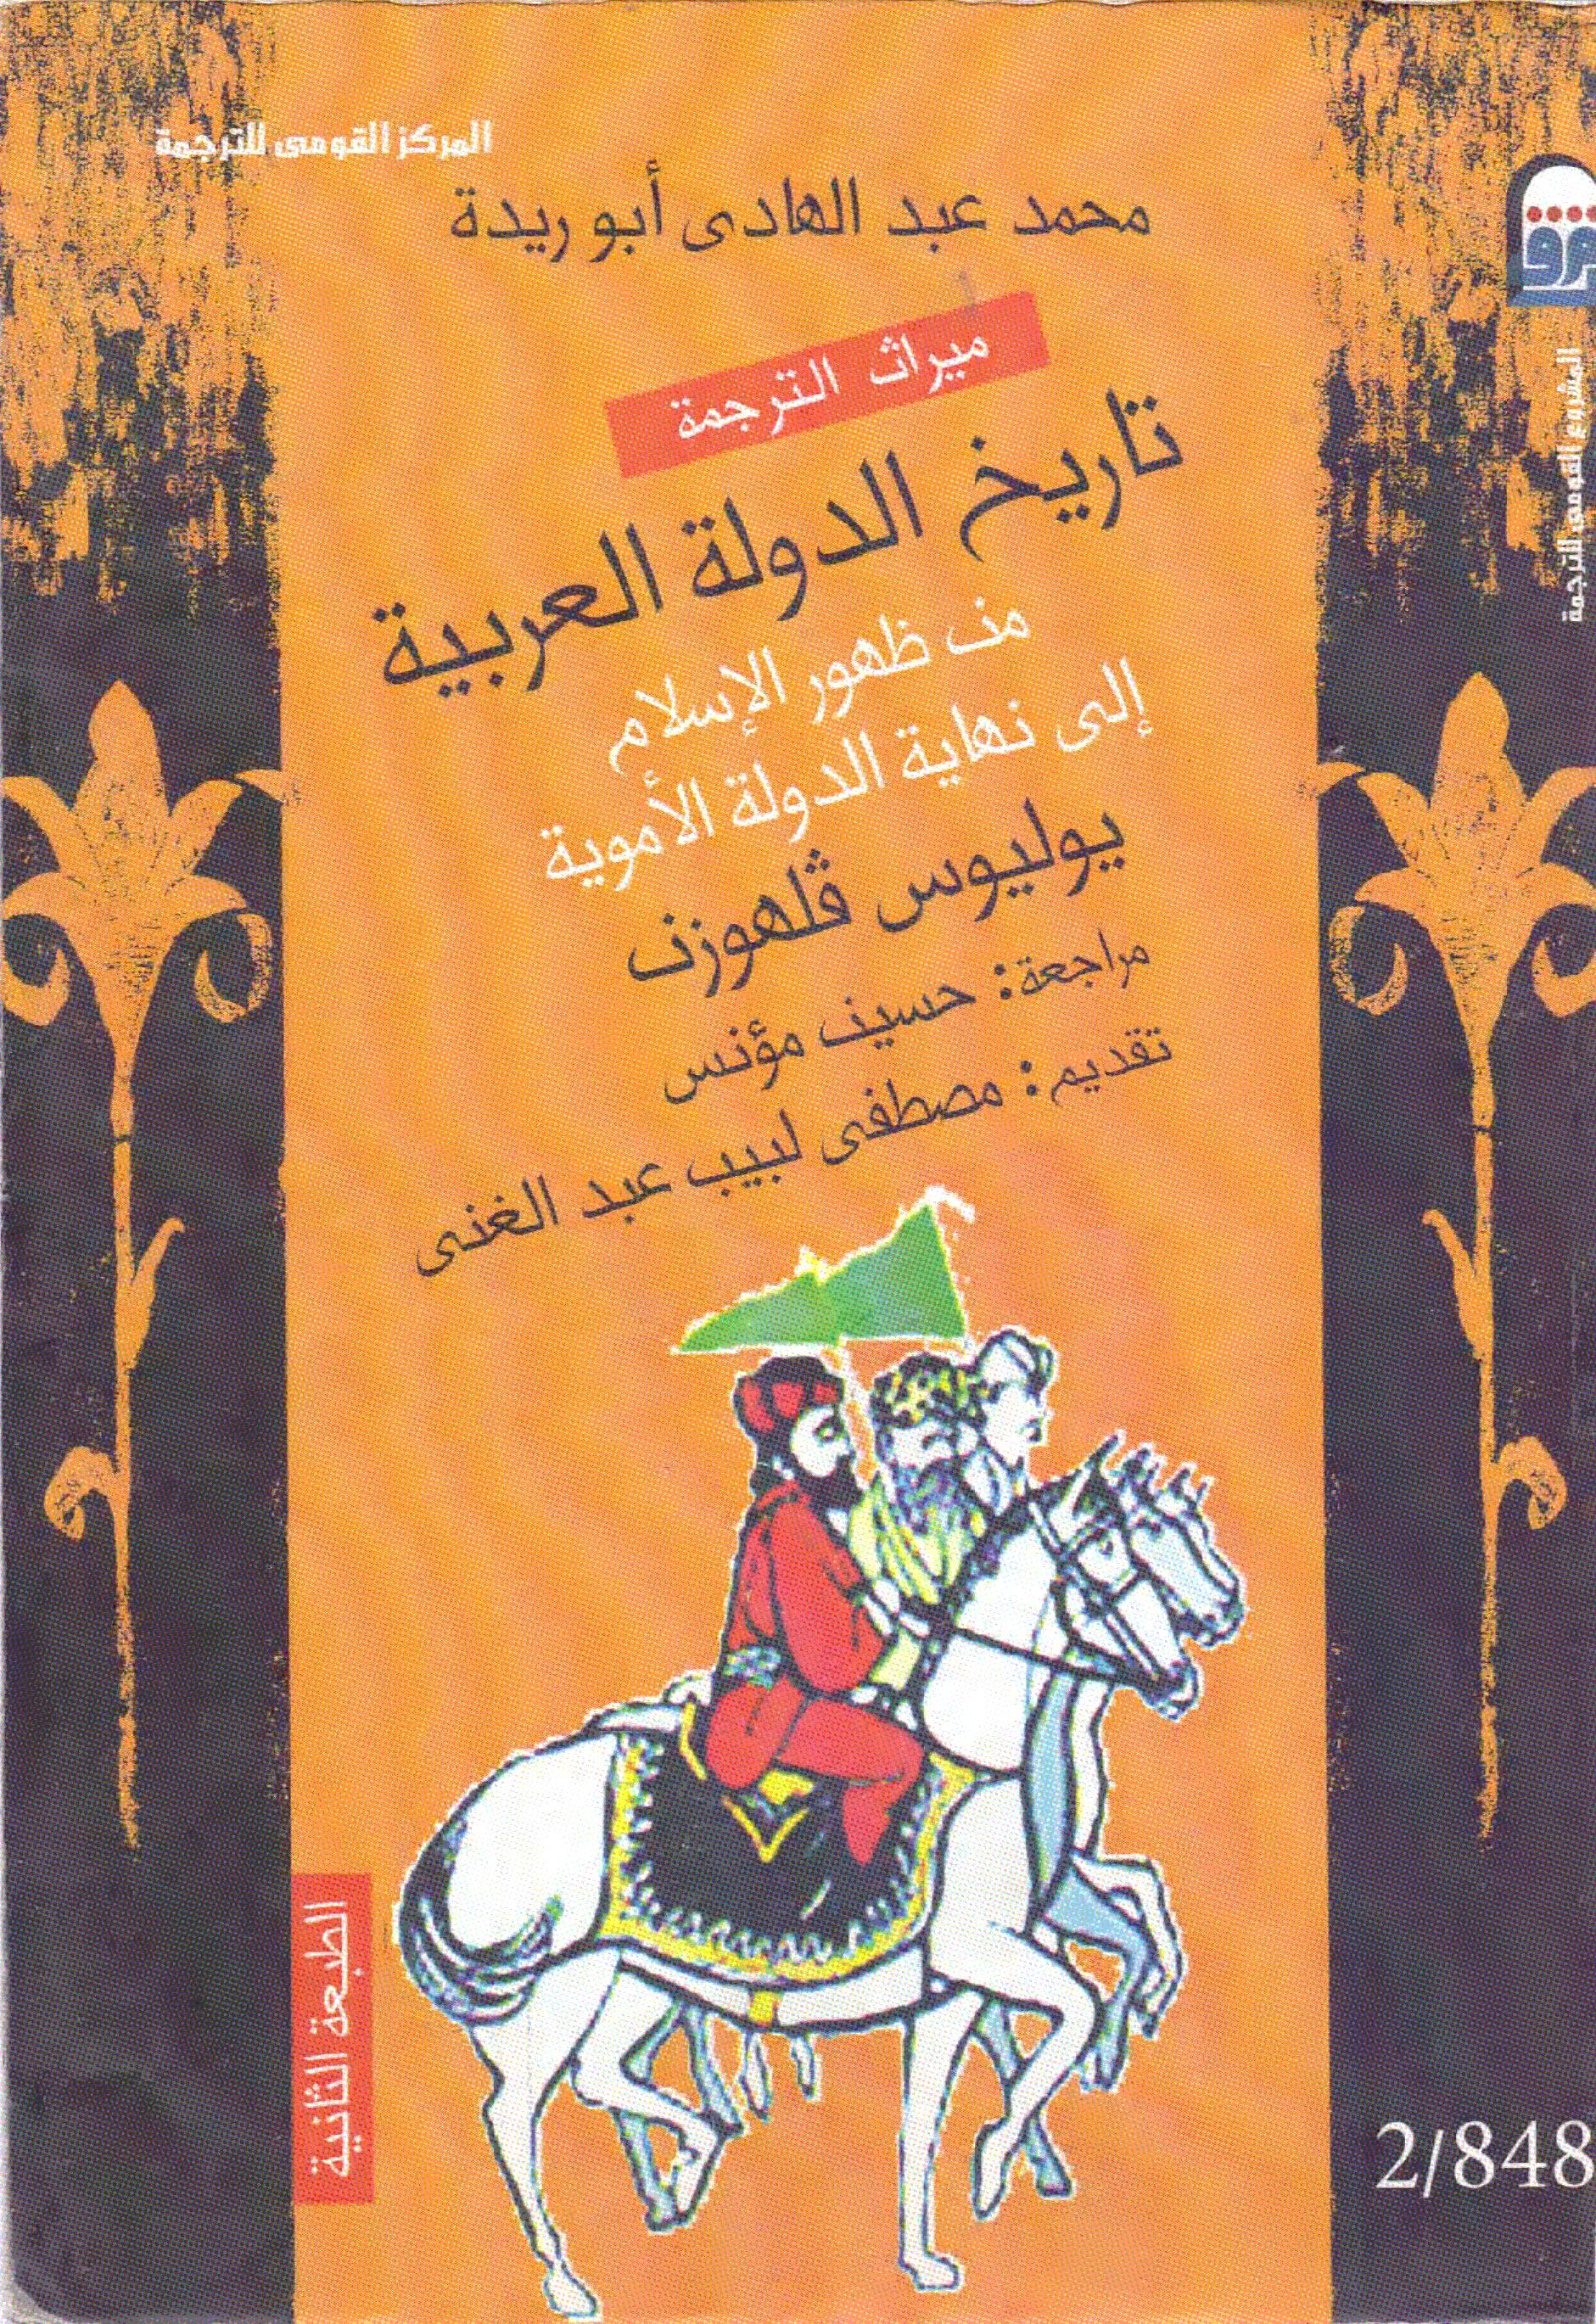 تاريخ الدولة العربية _1_